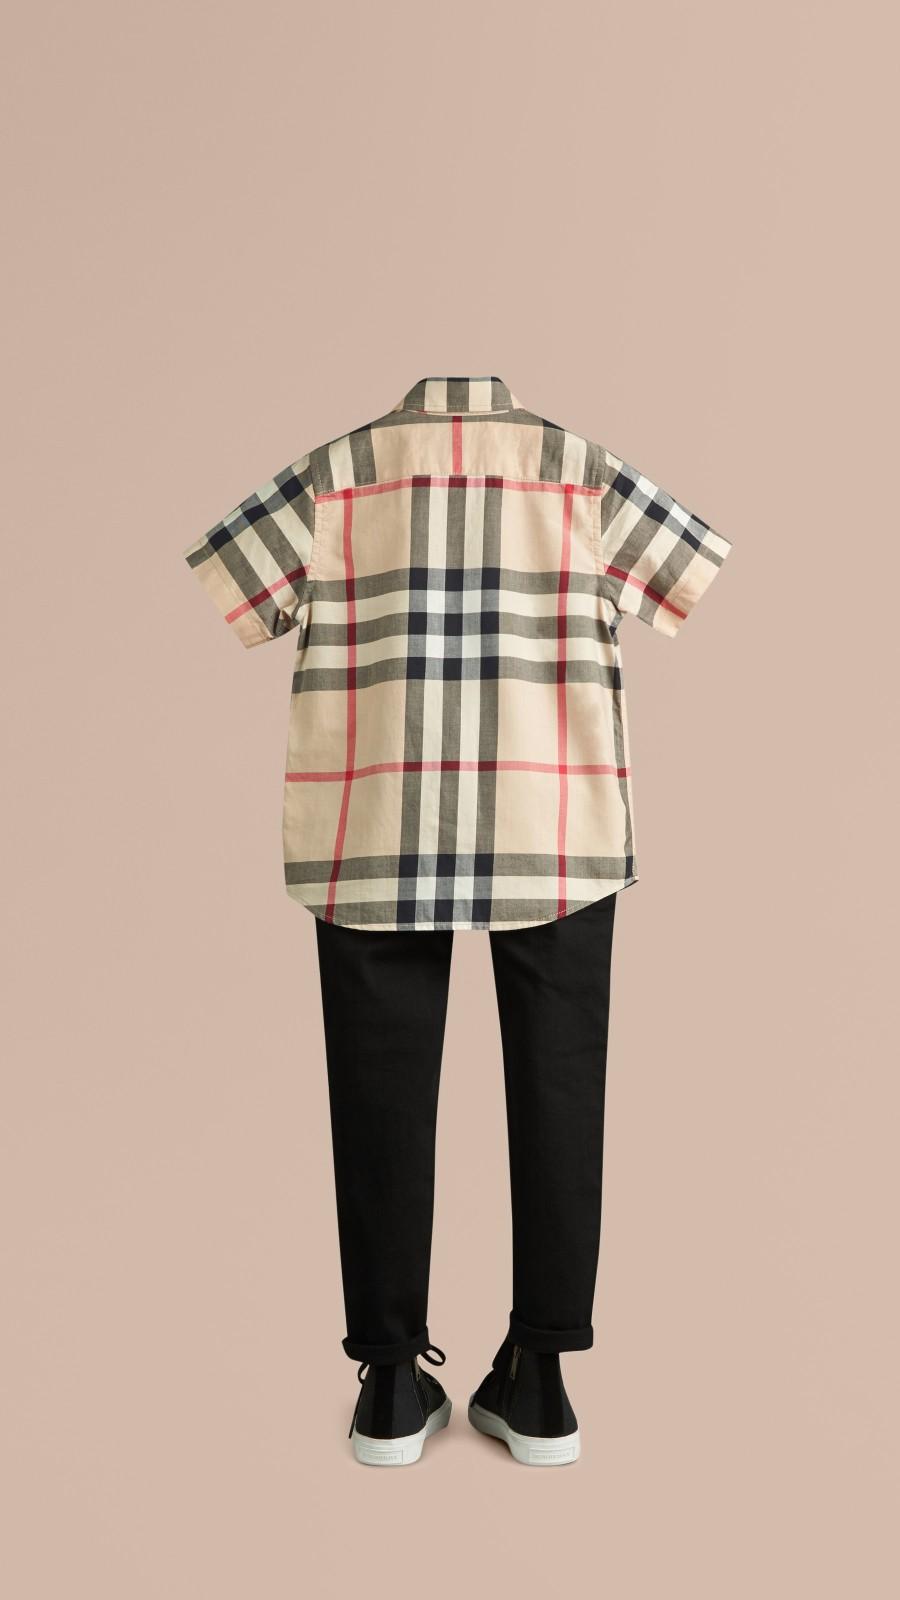 Nouveau check classique Chemise en sergé de coton à manches courtes avec motif check Nouveau  Classique - Image 3